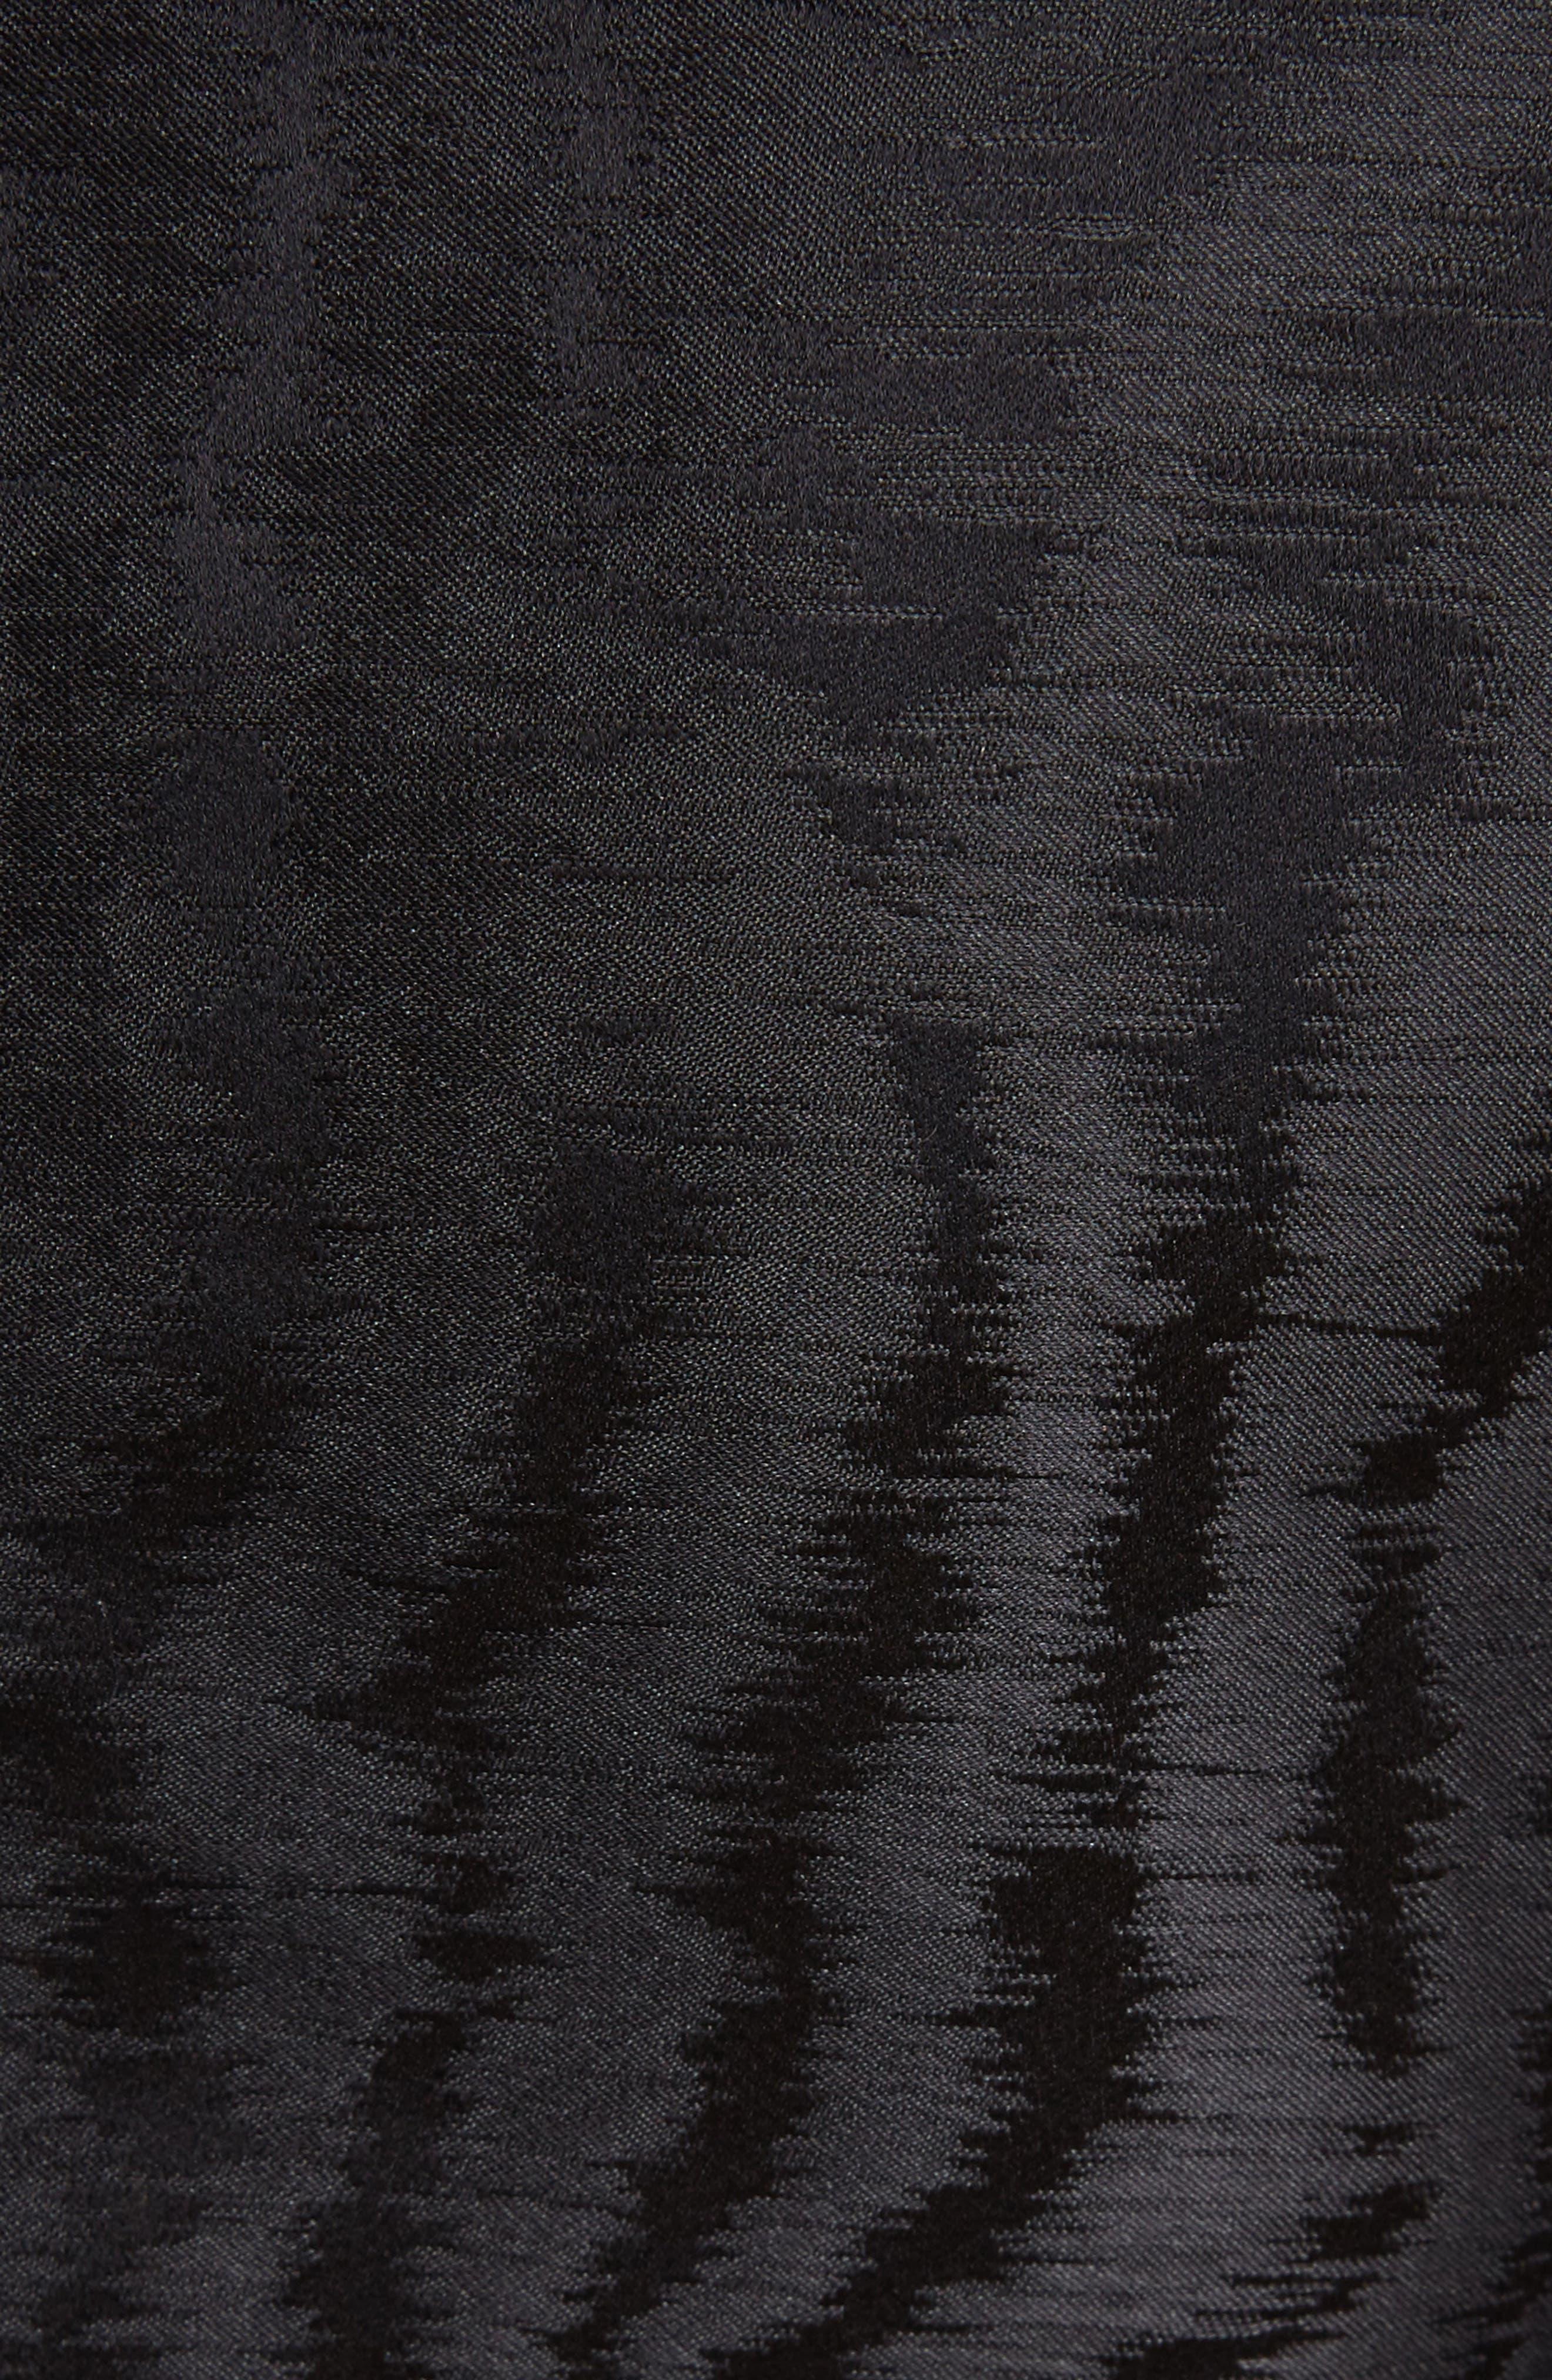 Moiré Lightning Neckline Dress,                             Alternate thumbnail 5, color,                             001